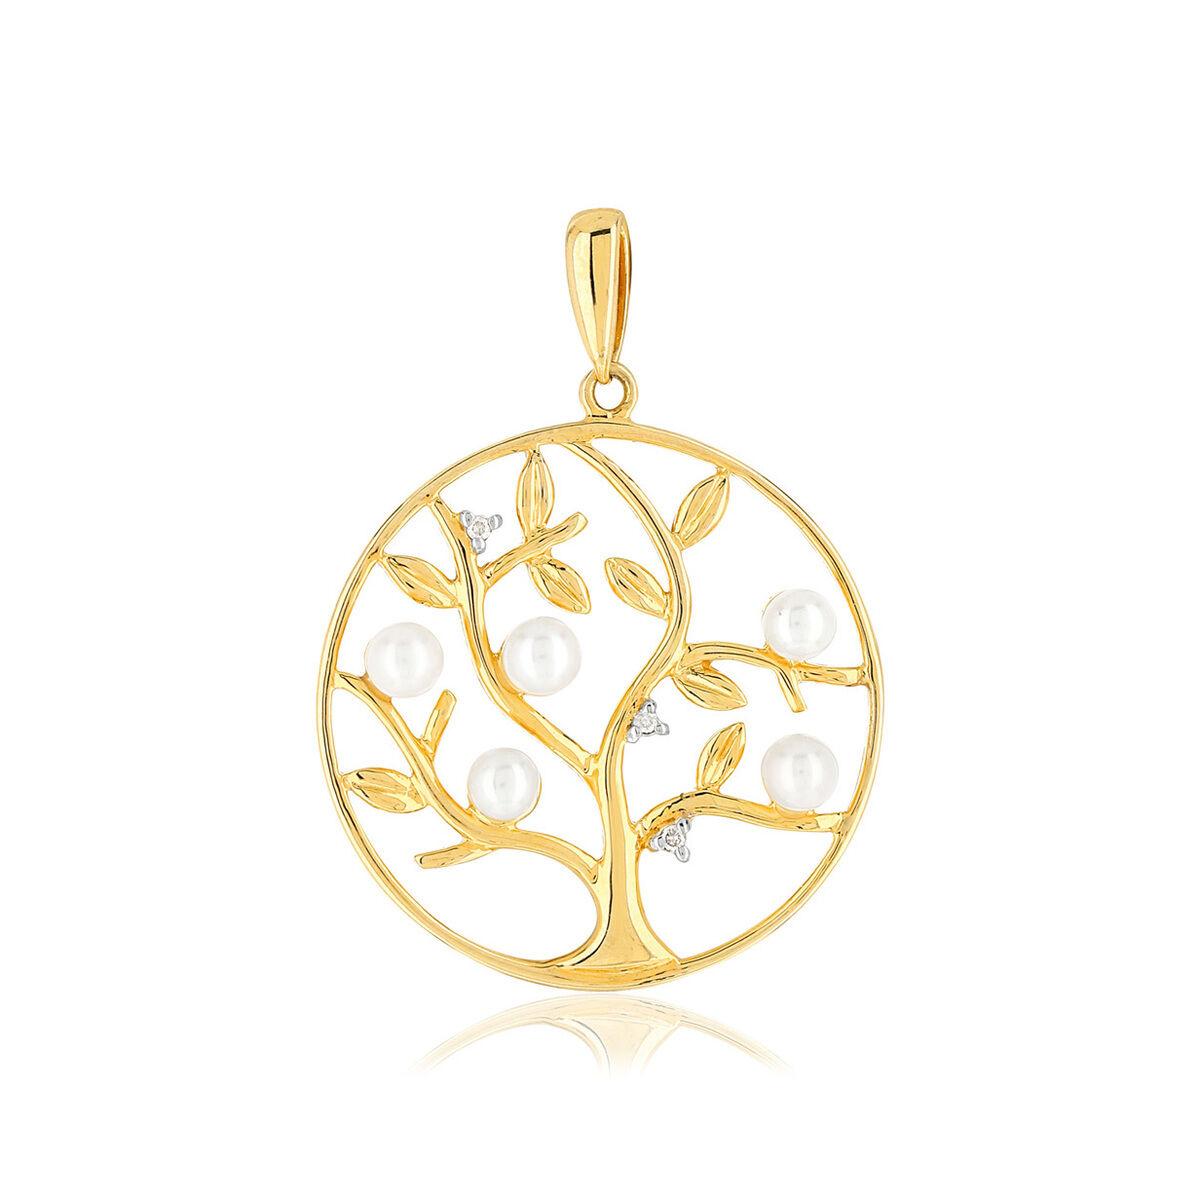 MATY Pendentif or 375 jaune arbre de vie perles de culture de Chine et diamants -